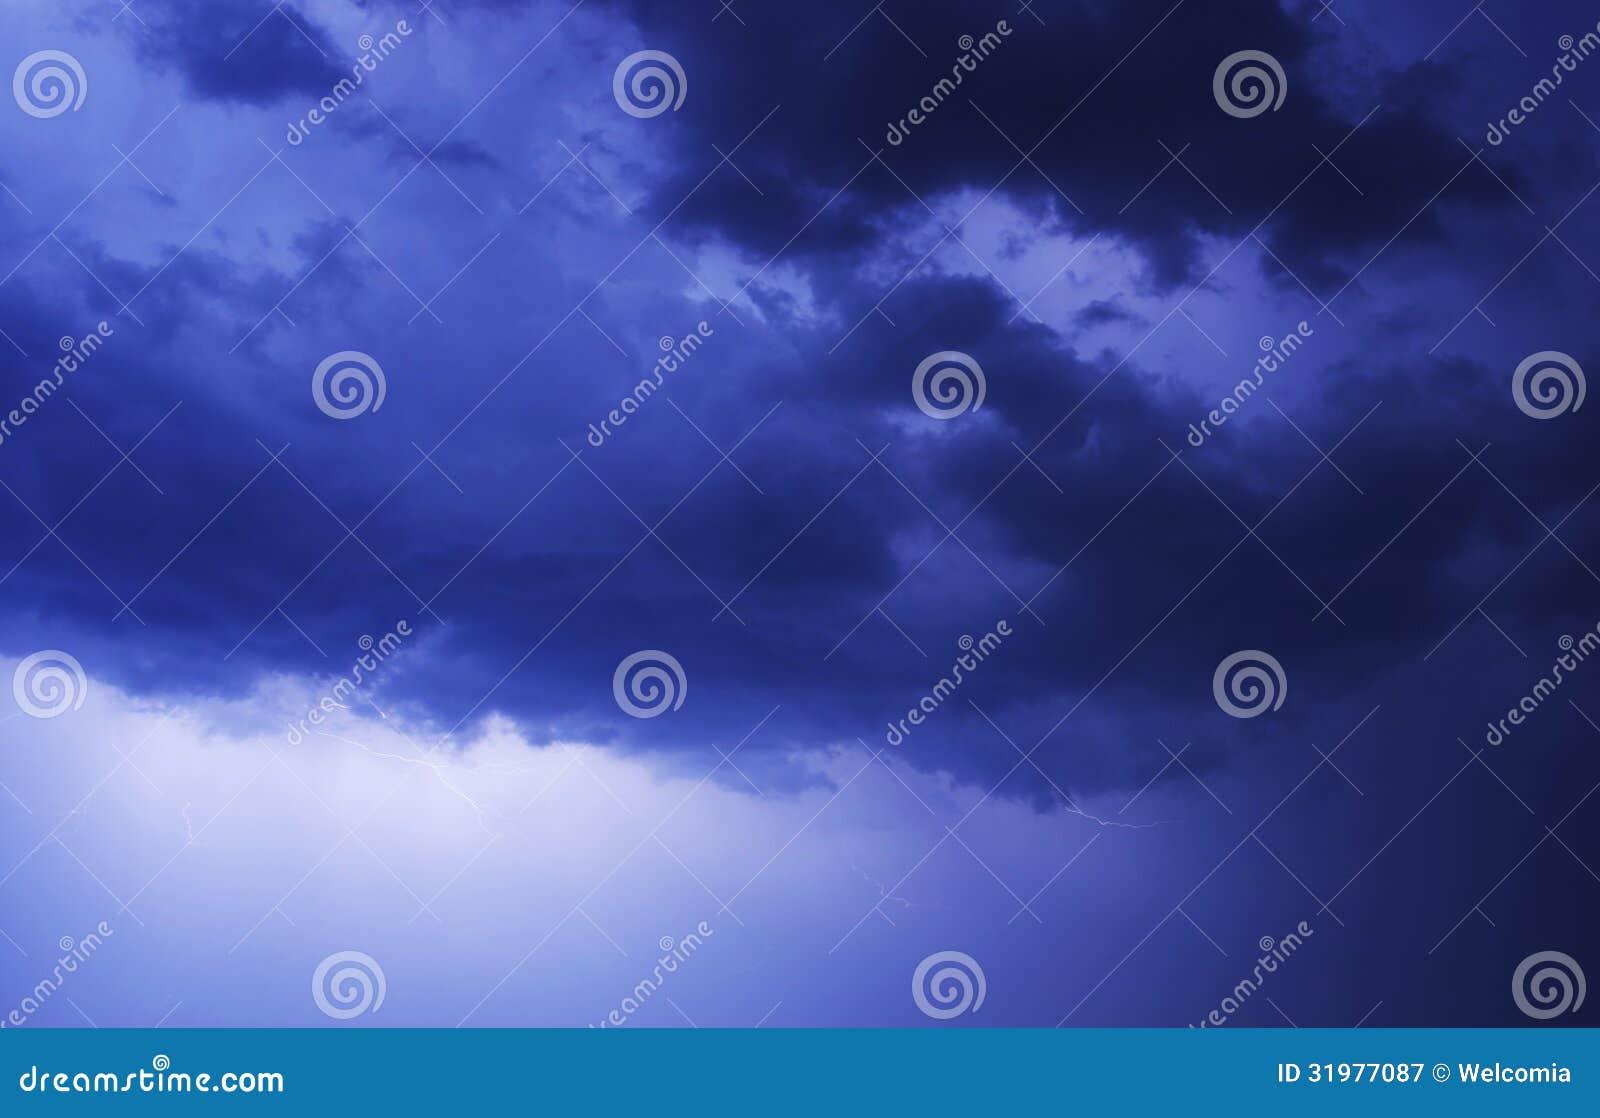 Blue Sky Carefree 30